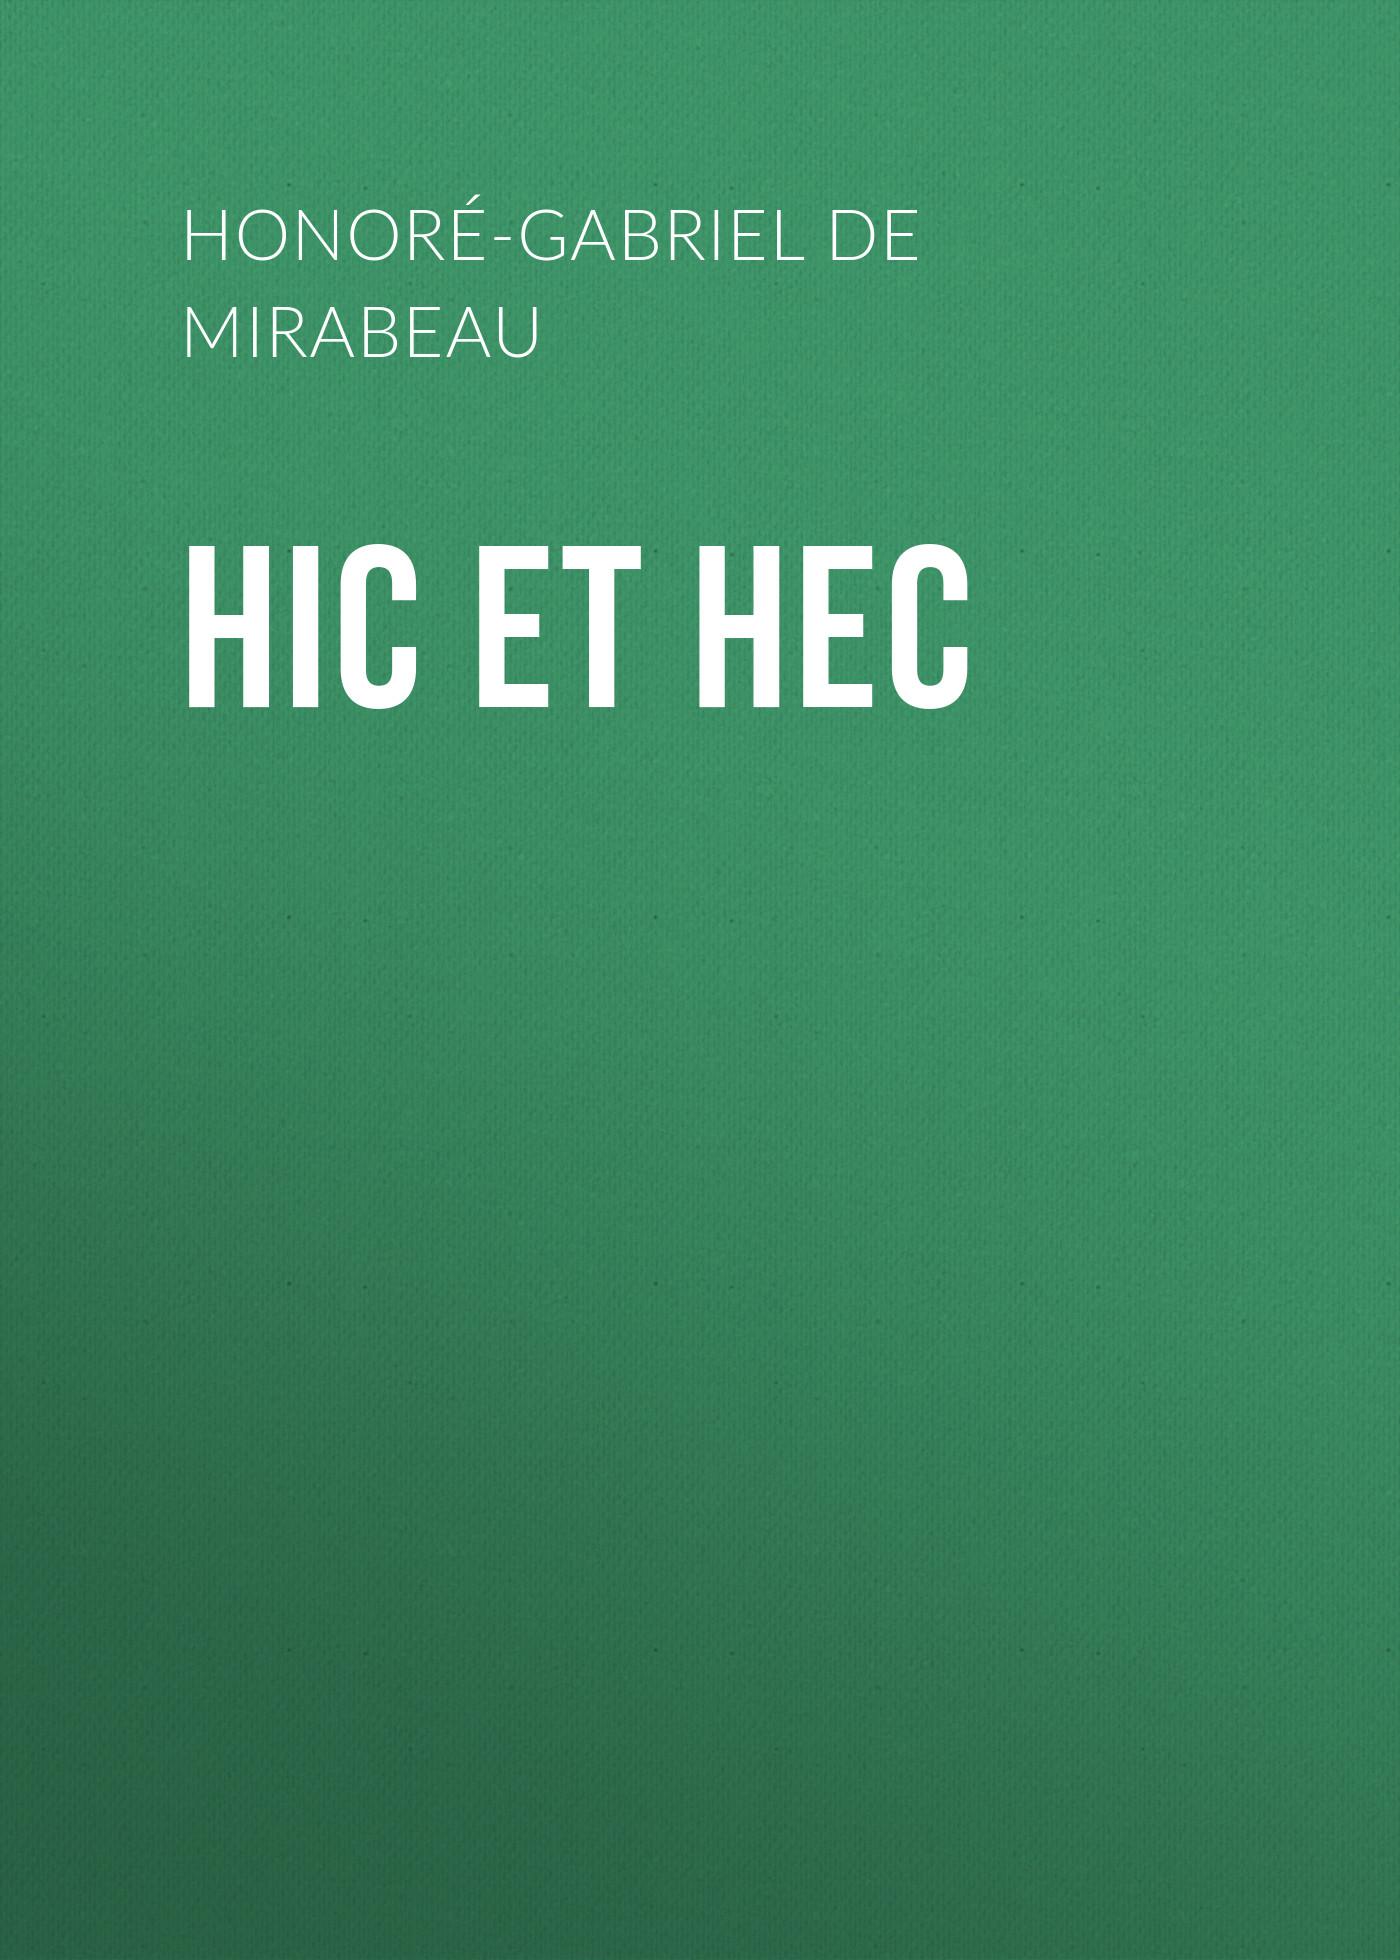 купить Honoré-Gabriel de Riqueti Mirabeau Hic et Hec по цене 0 рублей